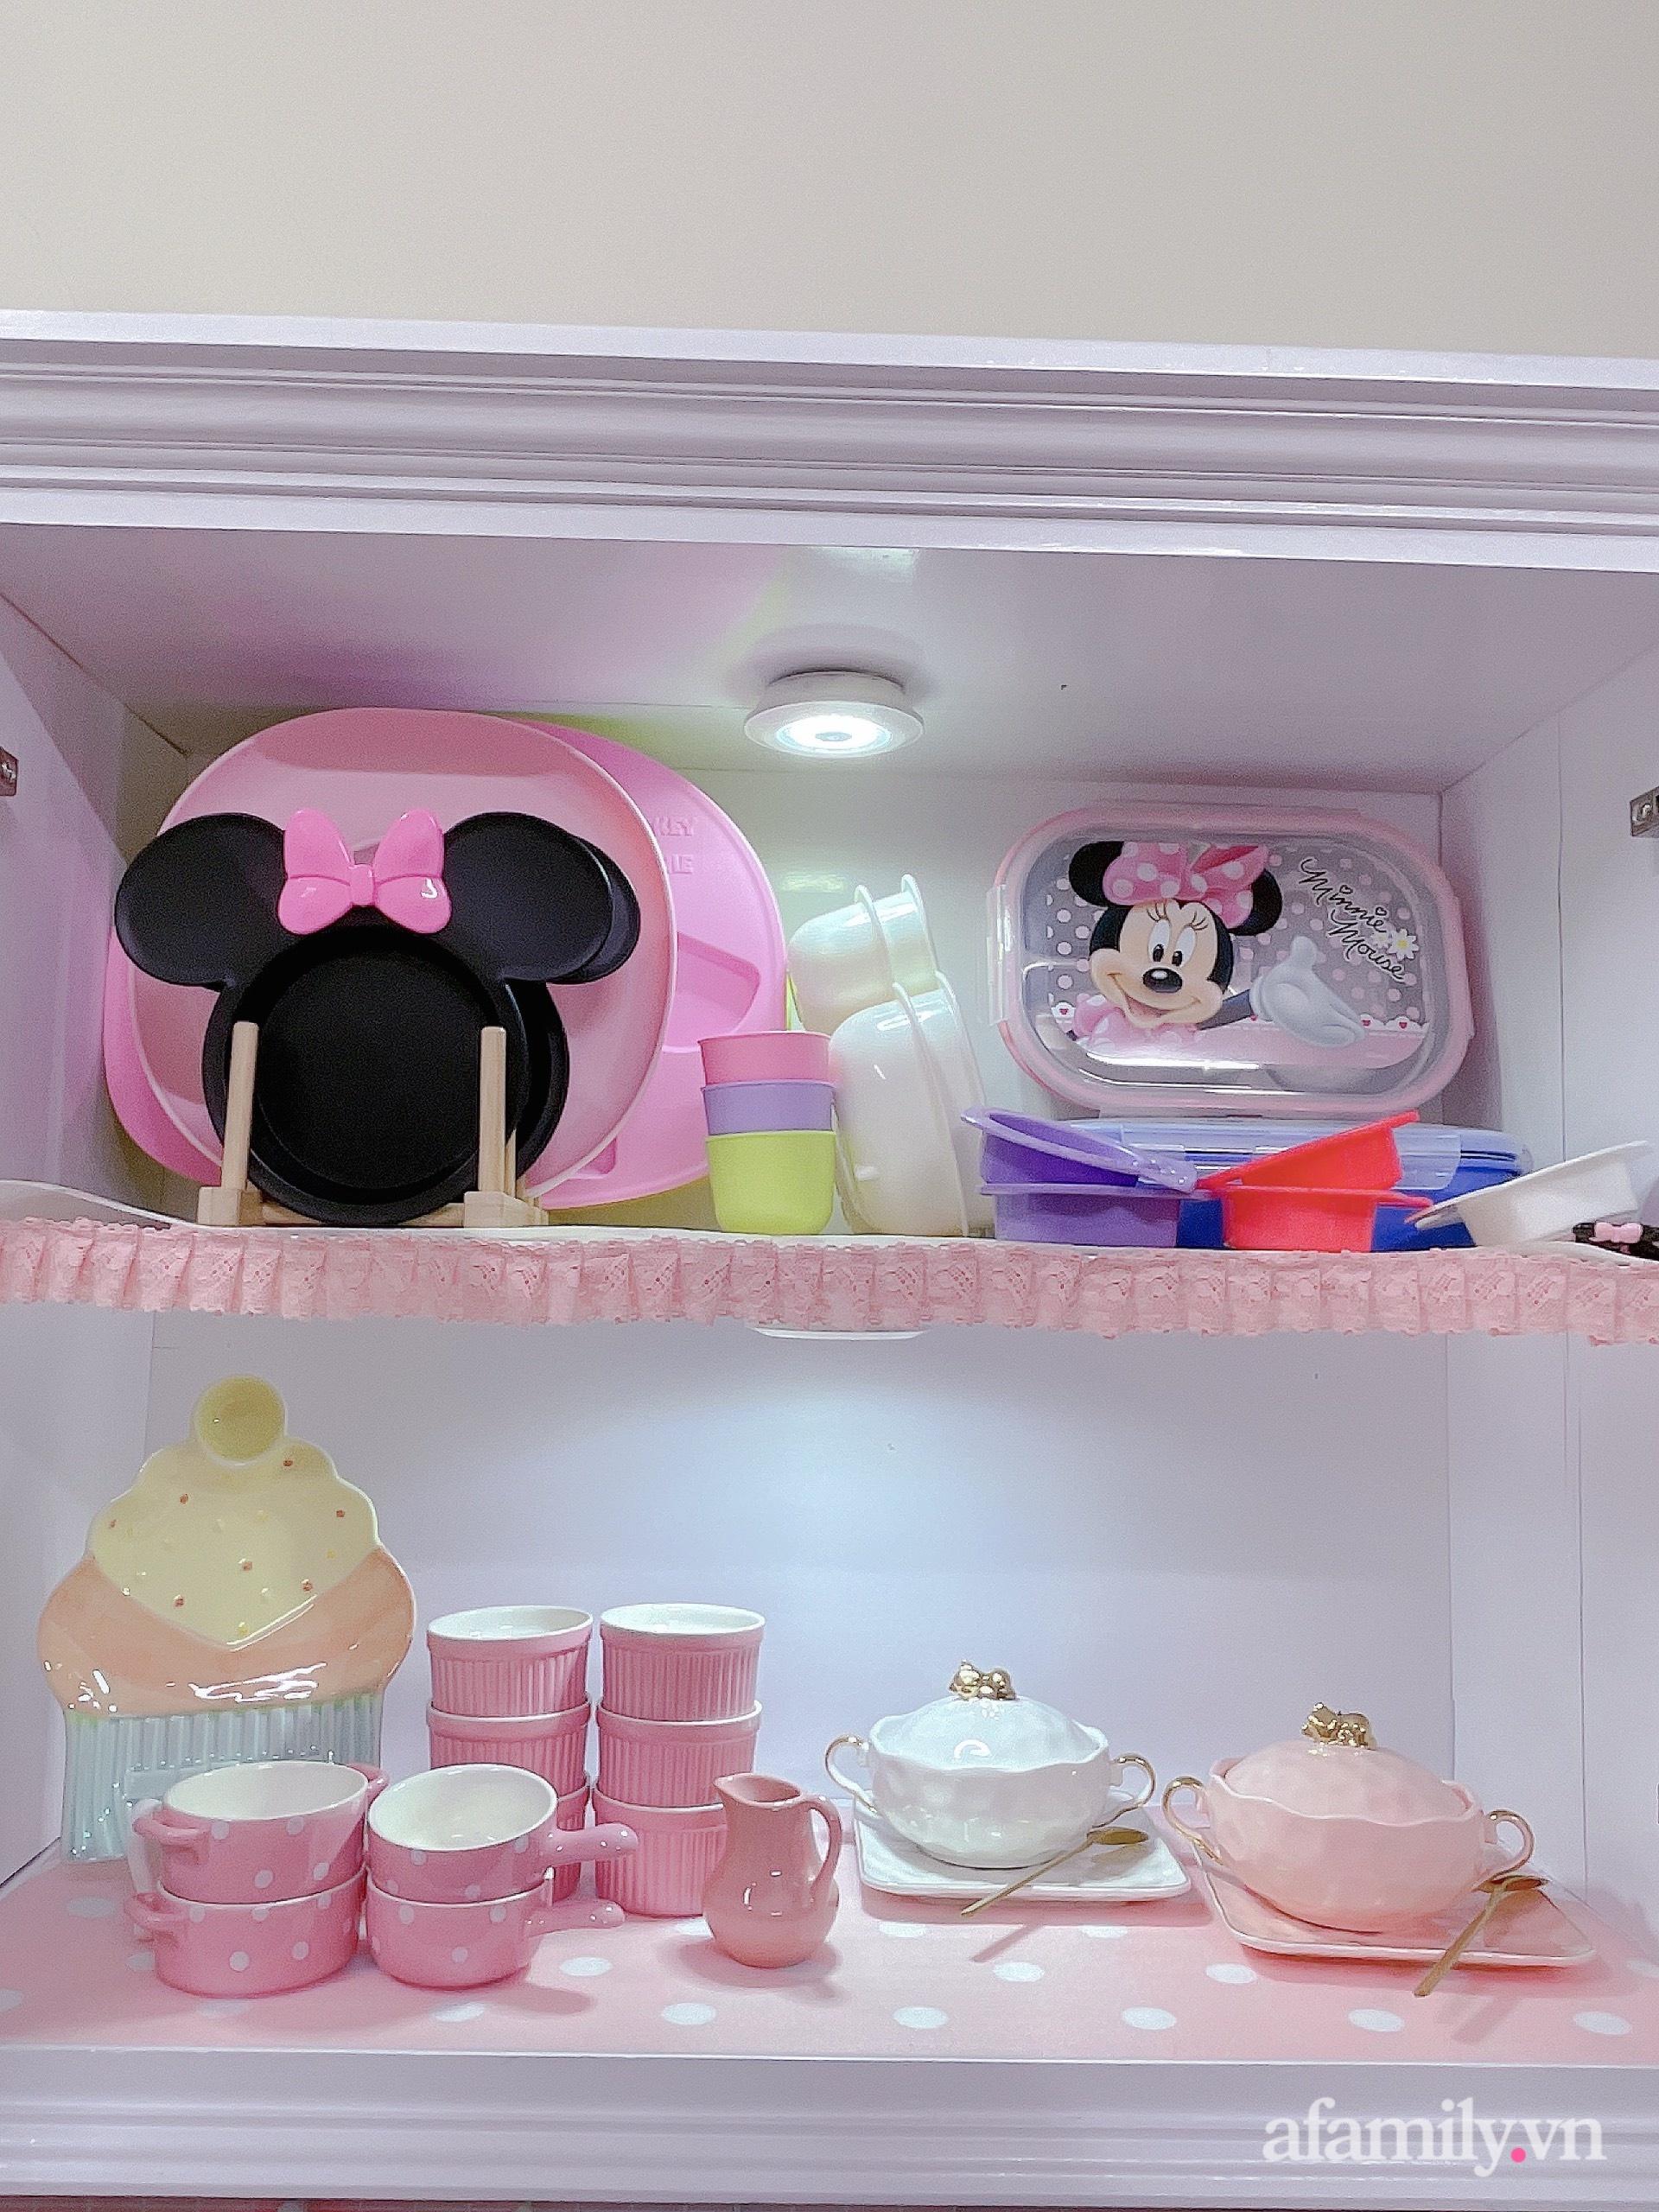 Mẹ trẻ Đà Lạt tự cải tạo căn bếp chật hẹp thành không gian tiện nghi với chi phí rẻ không ngờ - Ảnh 10.